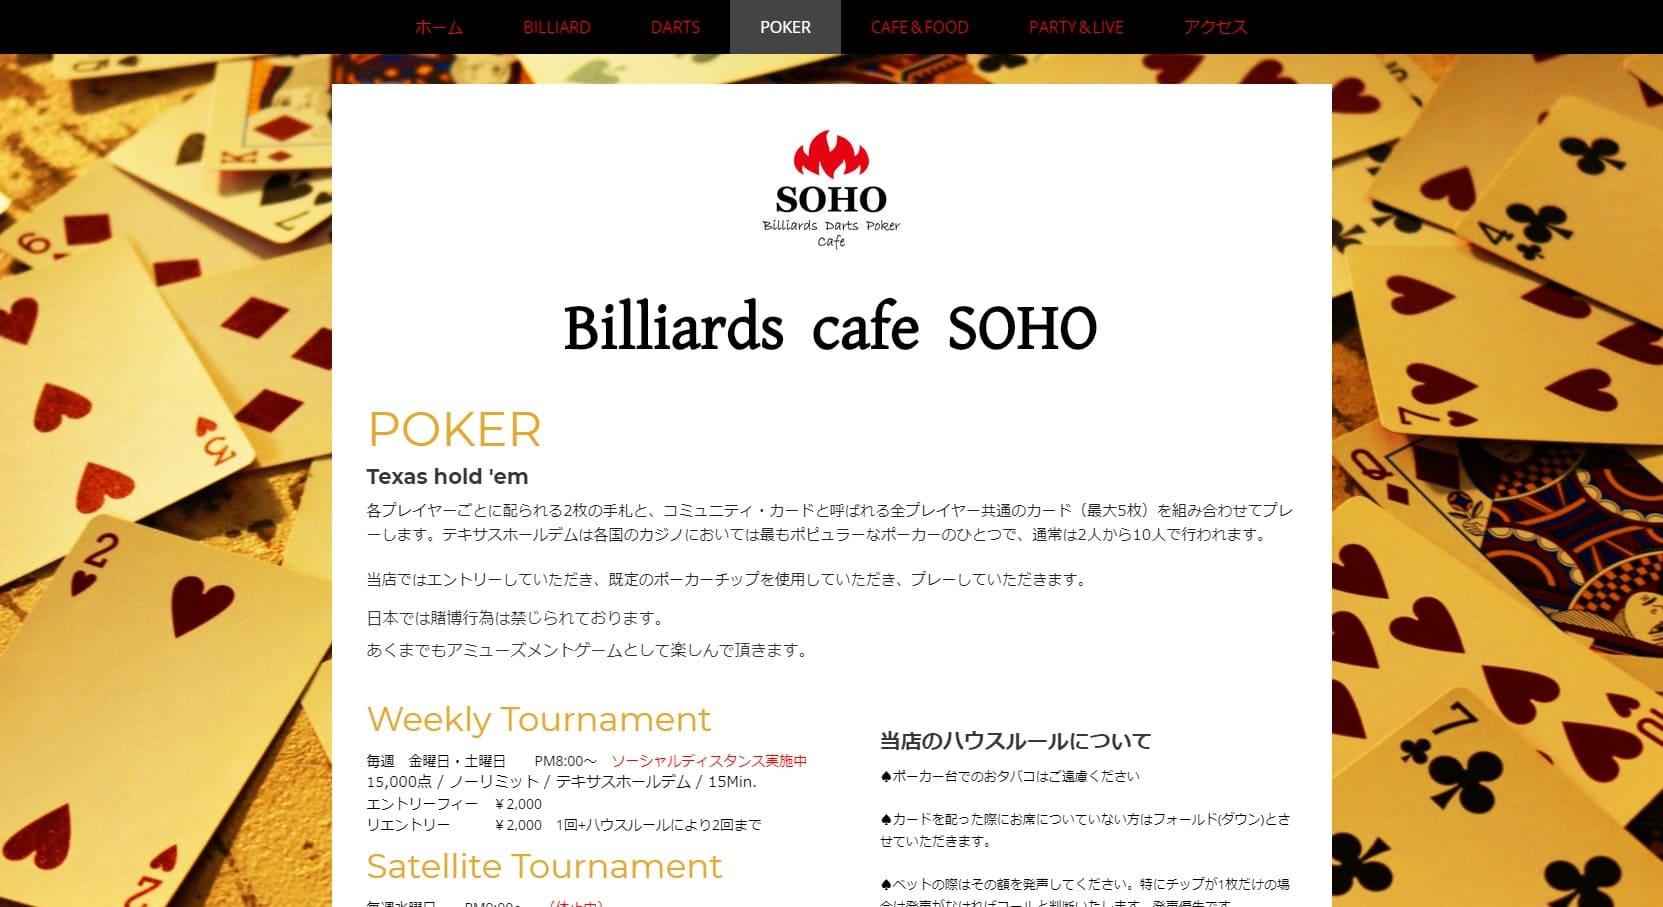 Billiards Cafe SOHOのウェブサイト画像。